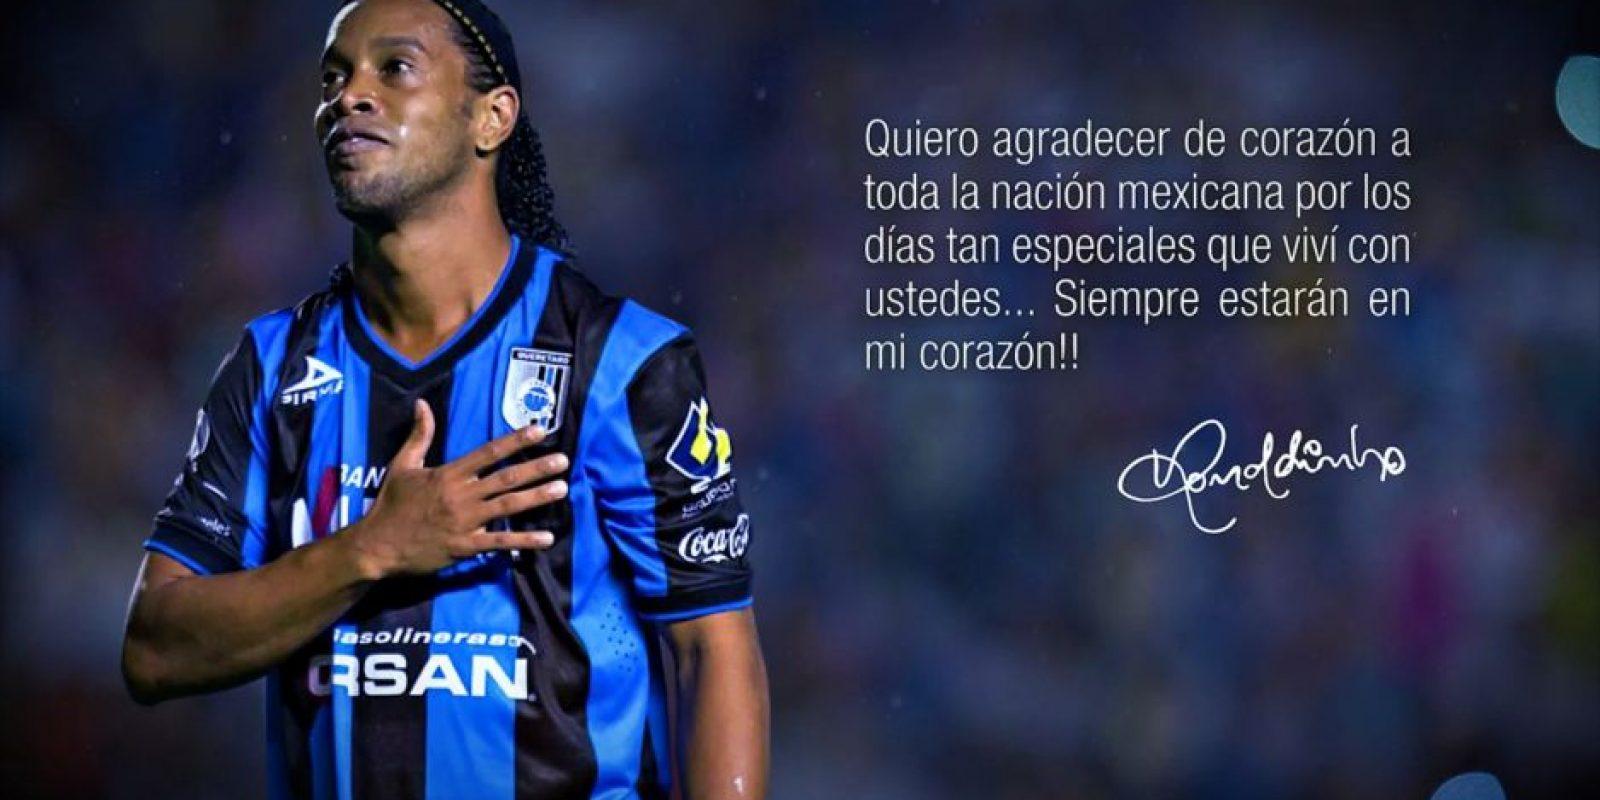 6 Emotivos Mensajes De Despedida De Los Futbolistas Publimetro Chile